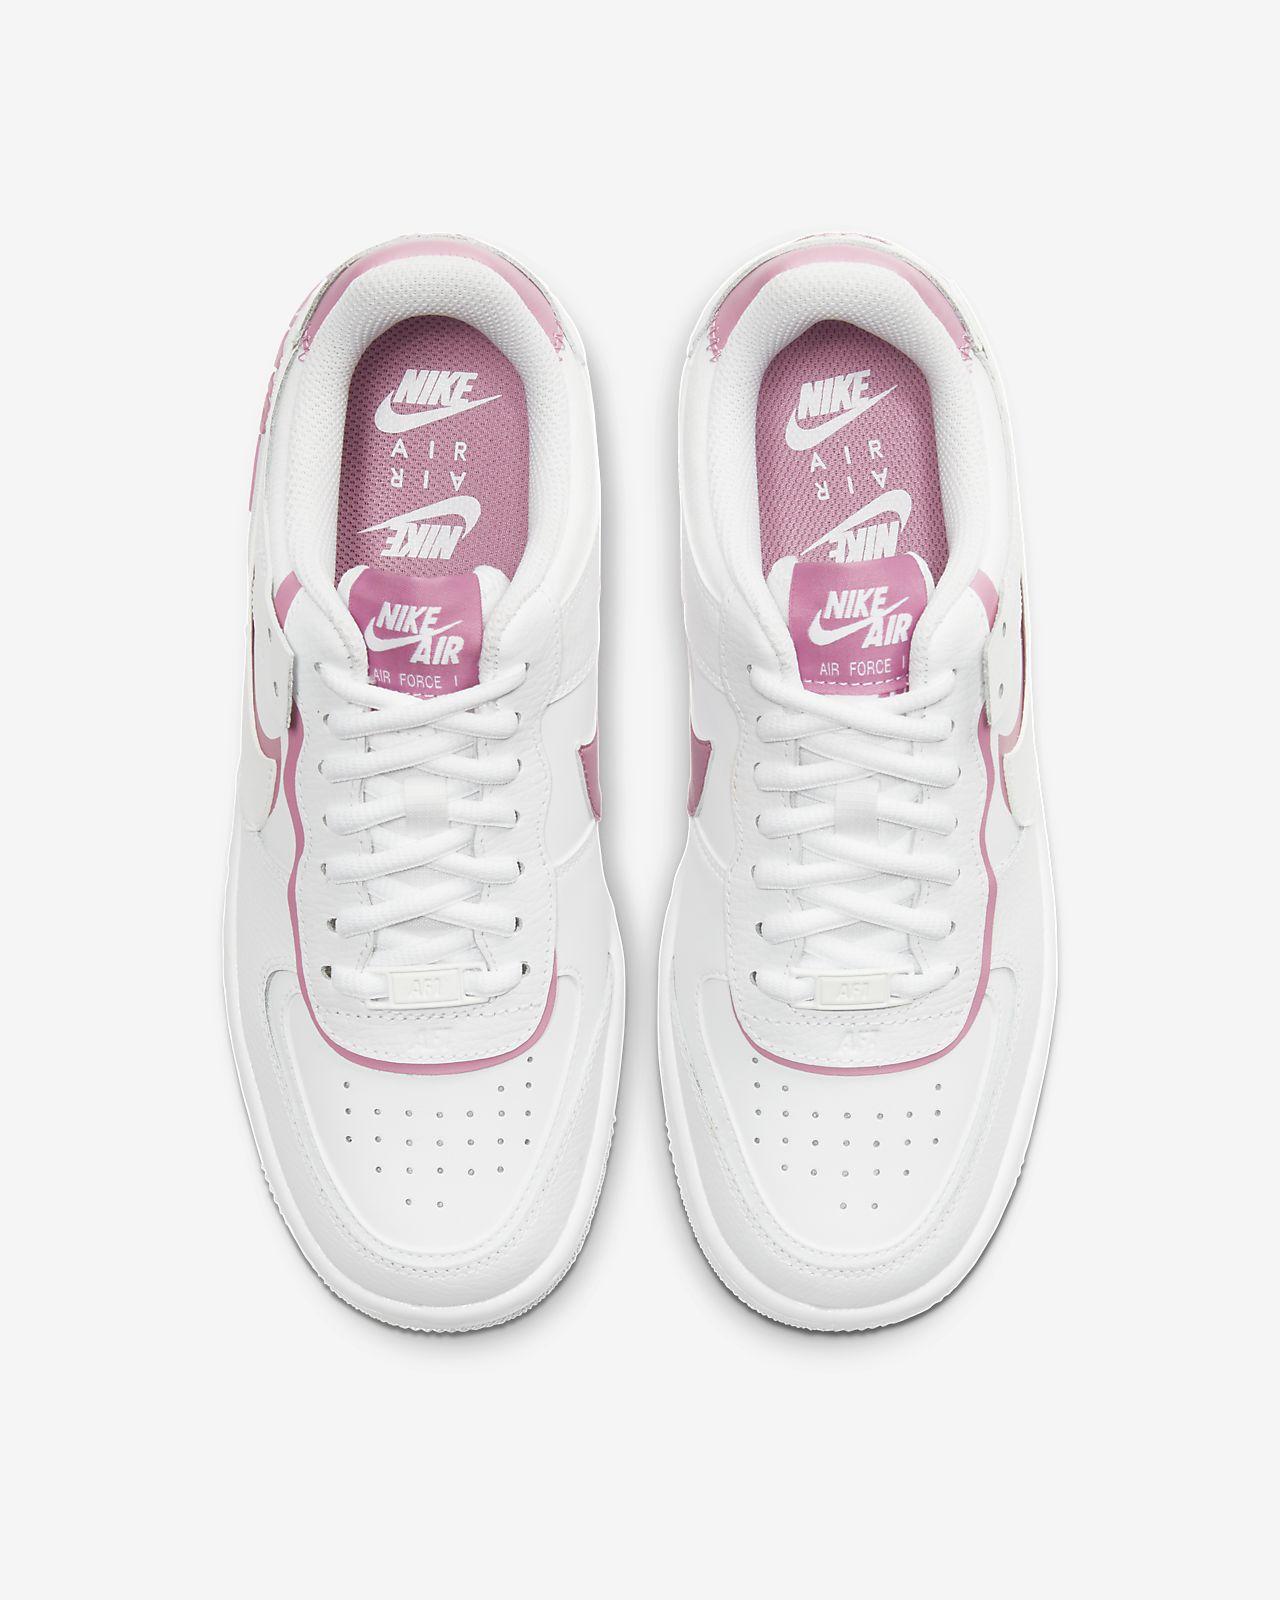 Nike 1 Damenschuh Air Force Shadow 0O8Nnvmw